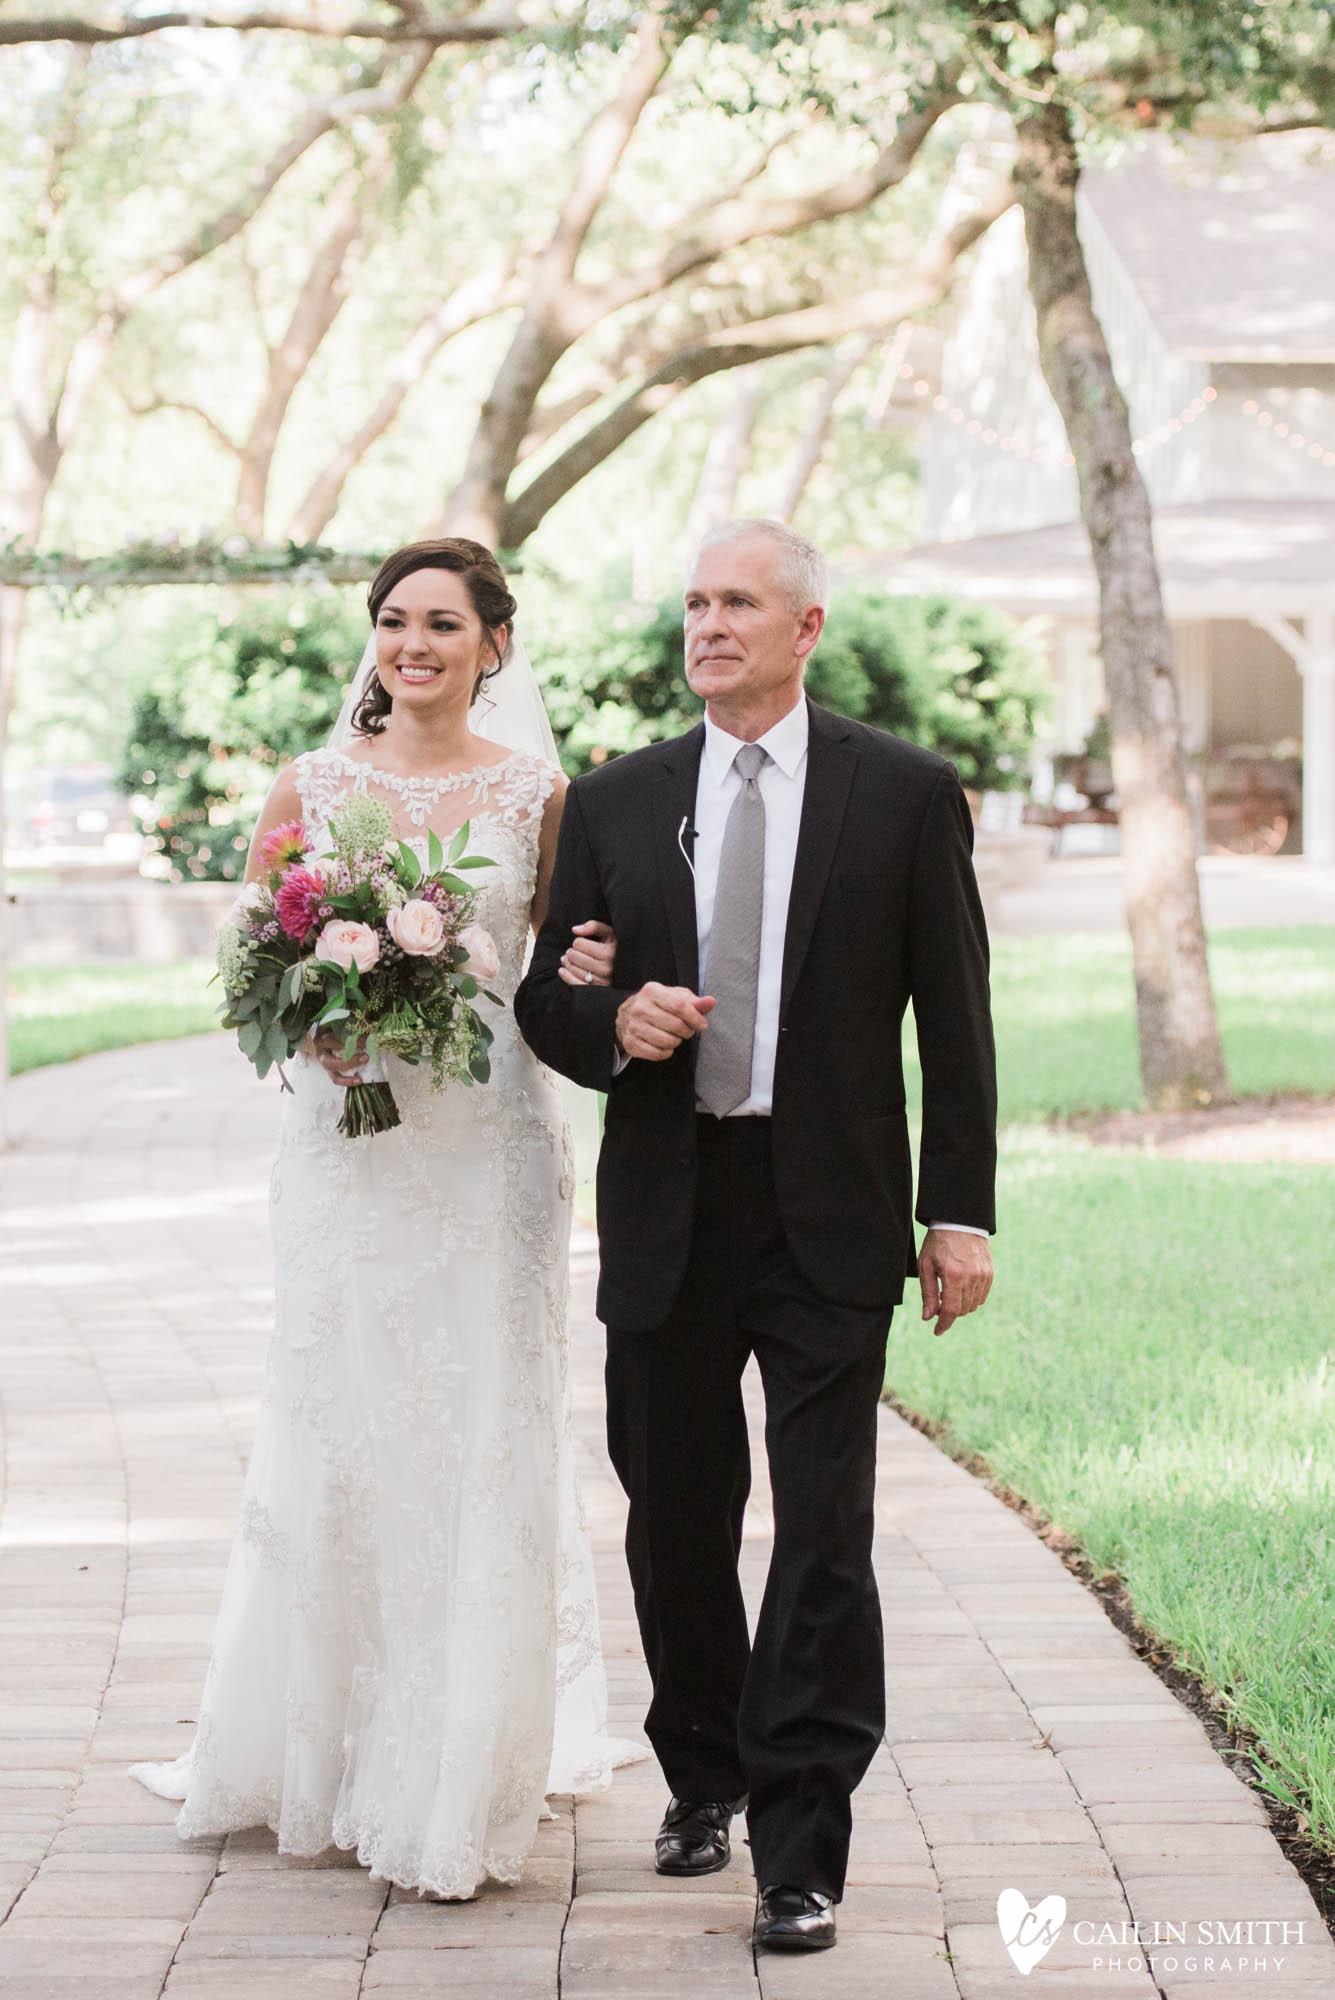 Bethany_Kyle_Bowing_Oaks_Plantation_Wedding_Photography_0065.jpg